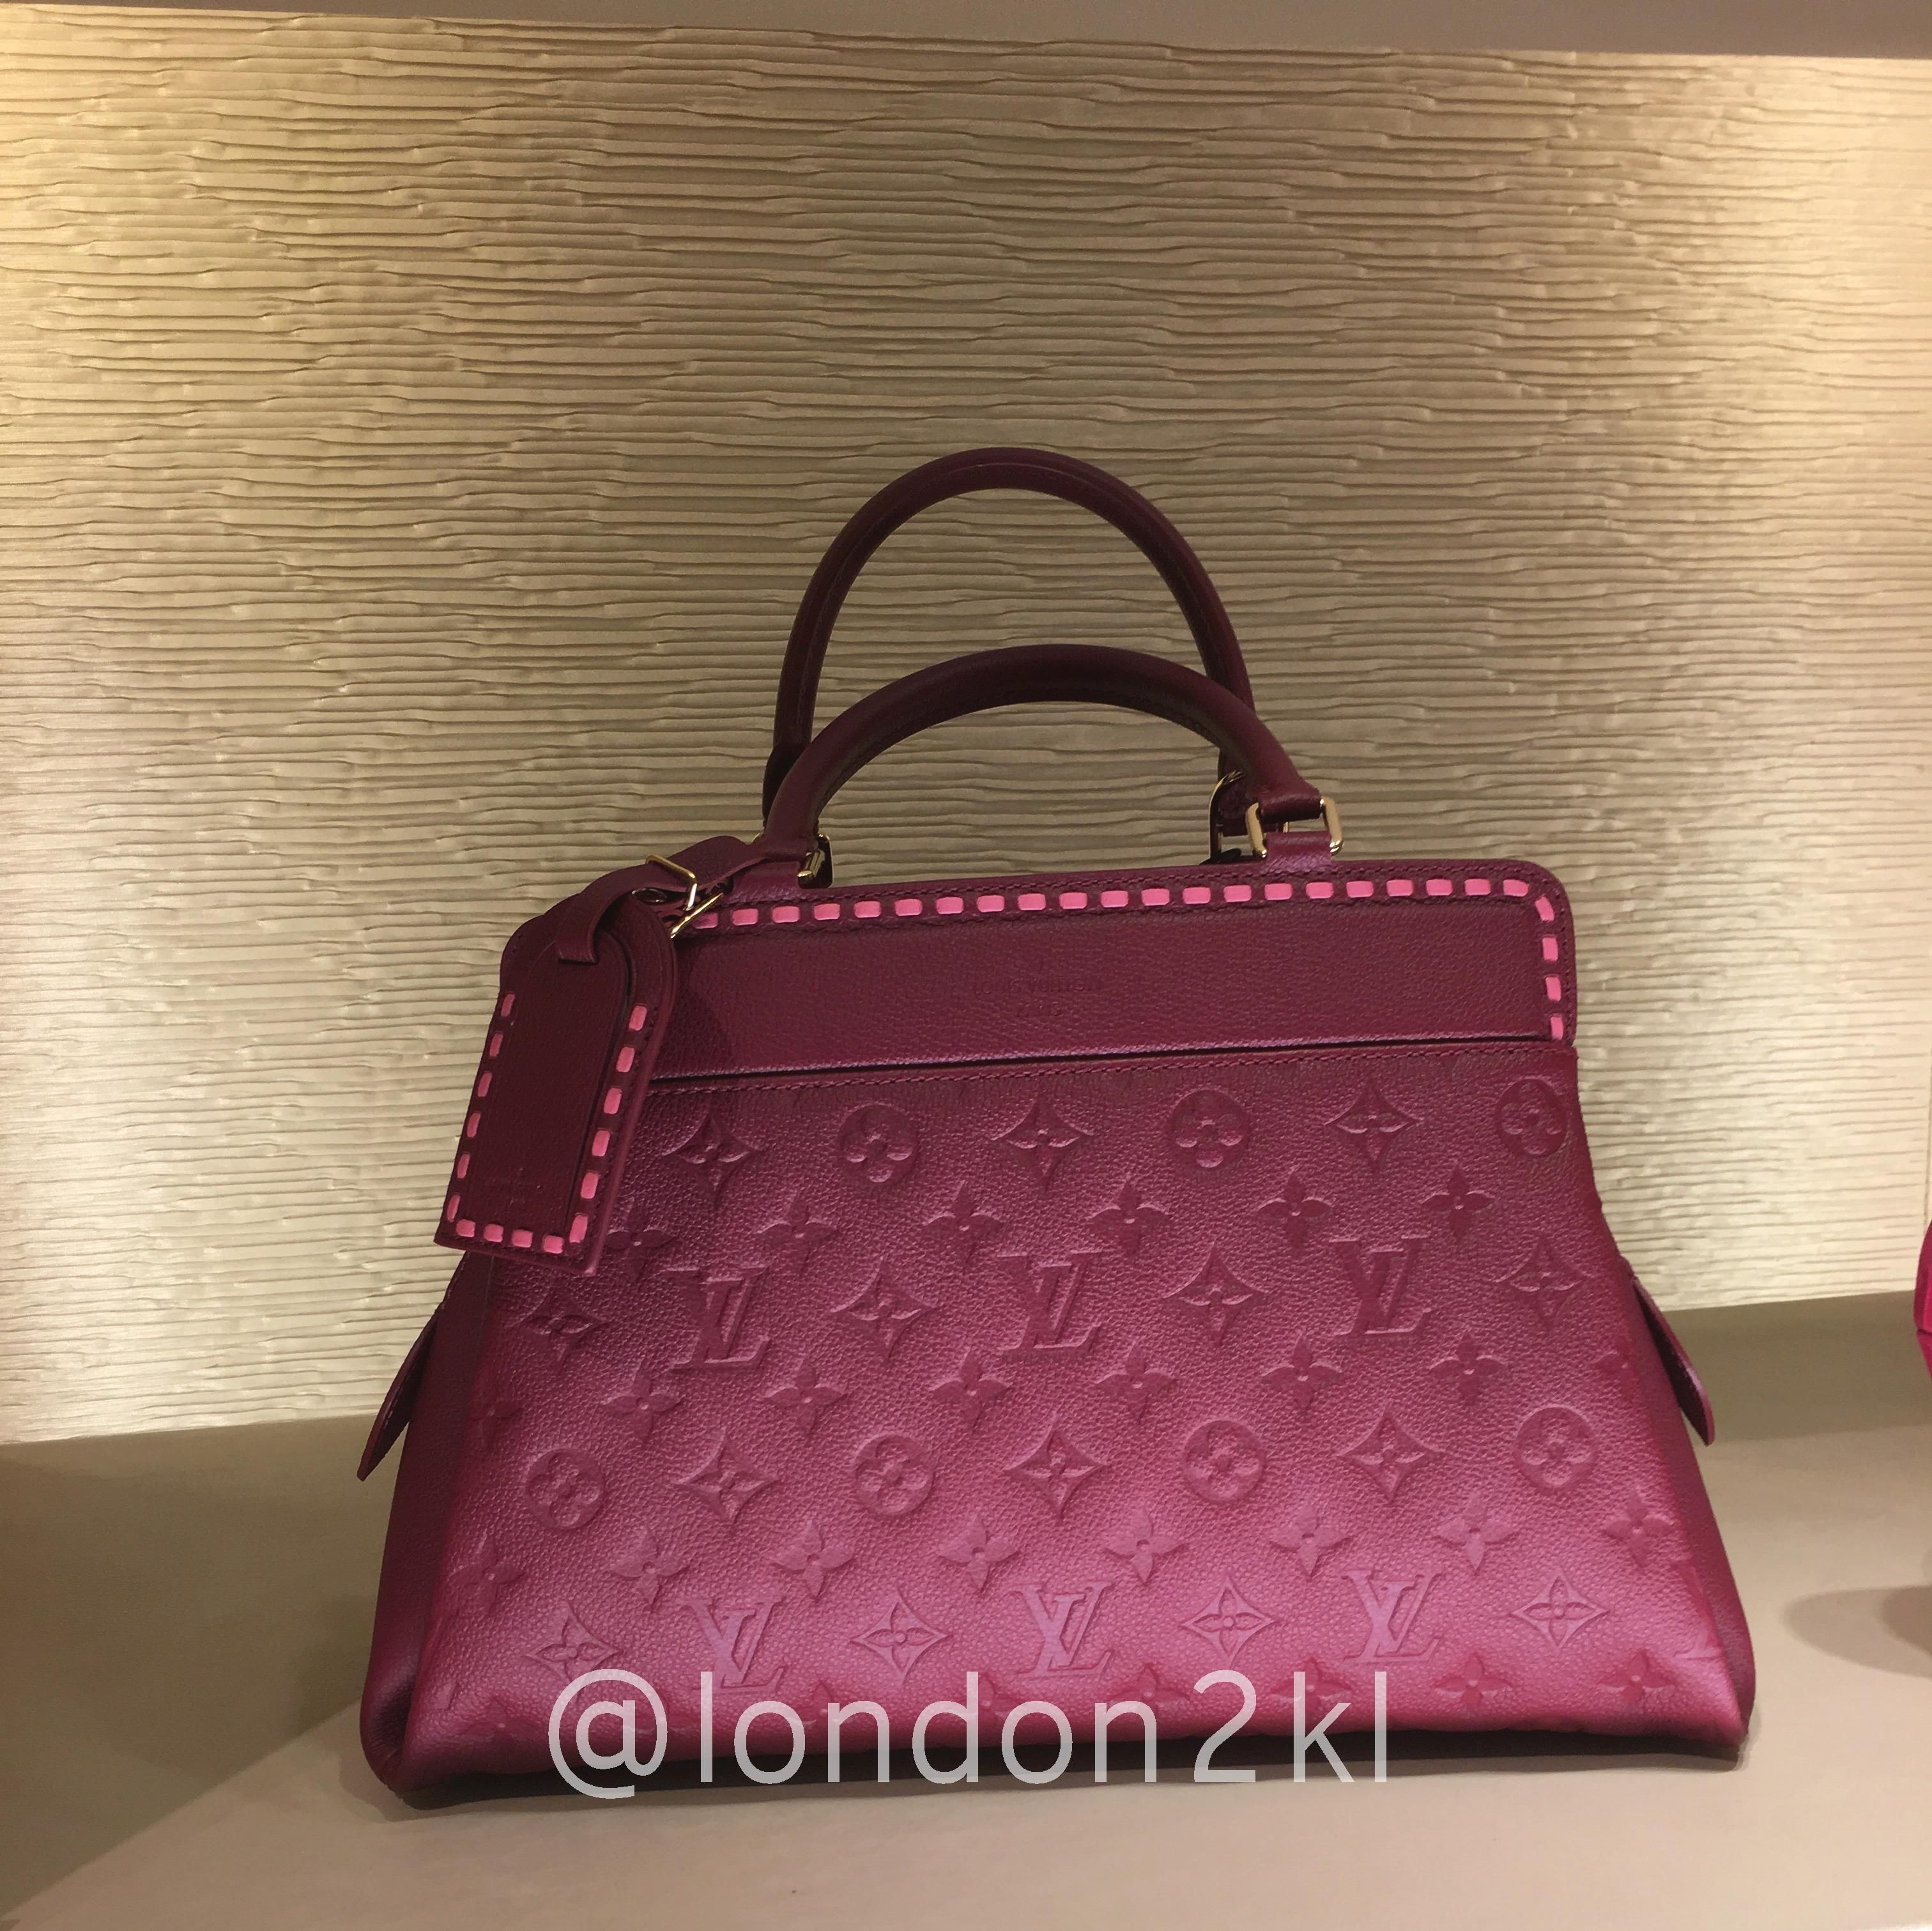 Vosges MM Louis Vuitton ❤❤❤ it  Order now. Once it s gone e32f3dcf0bd58